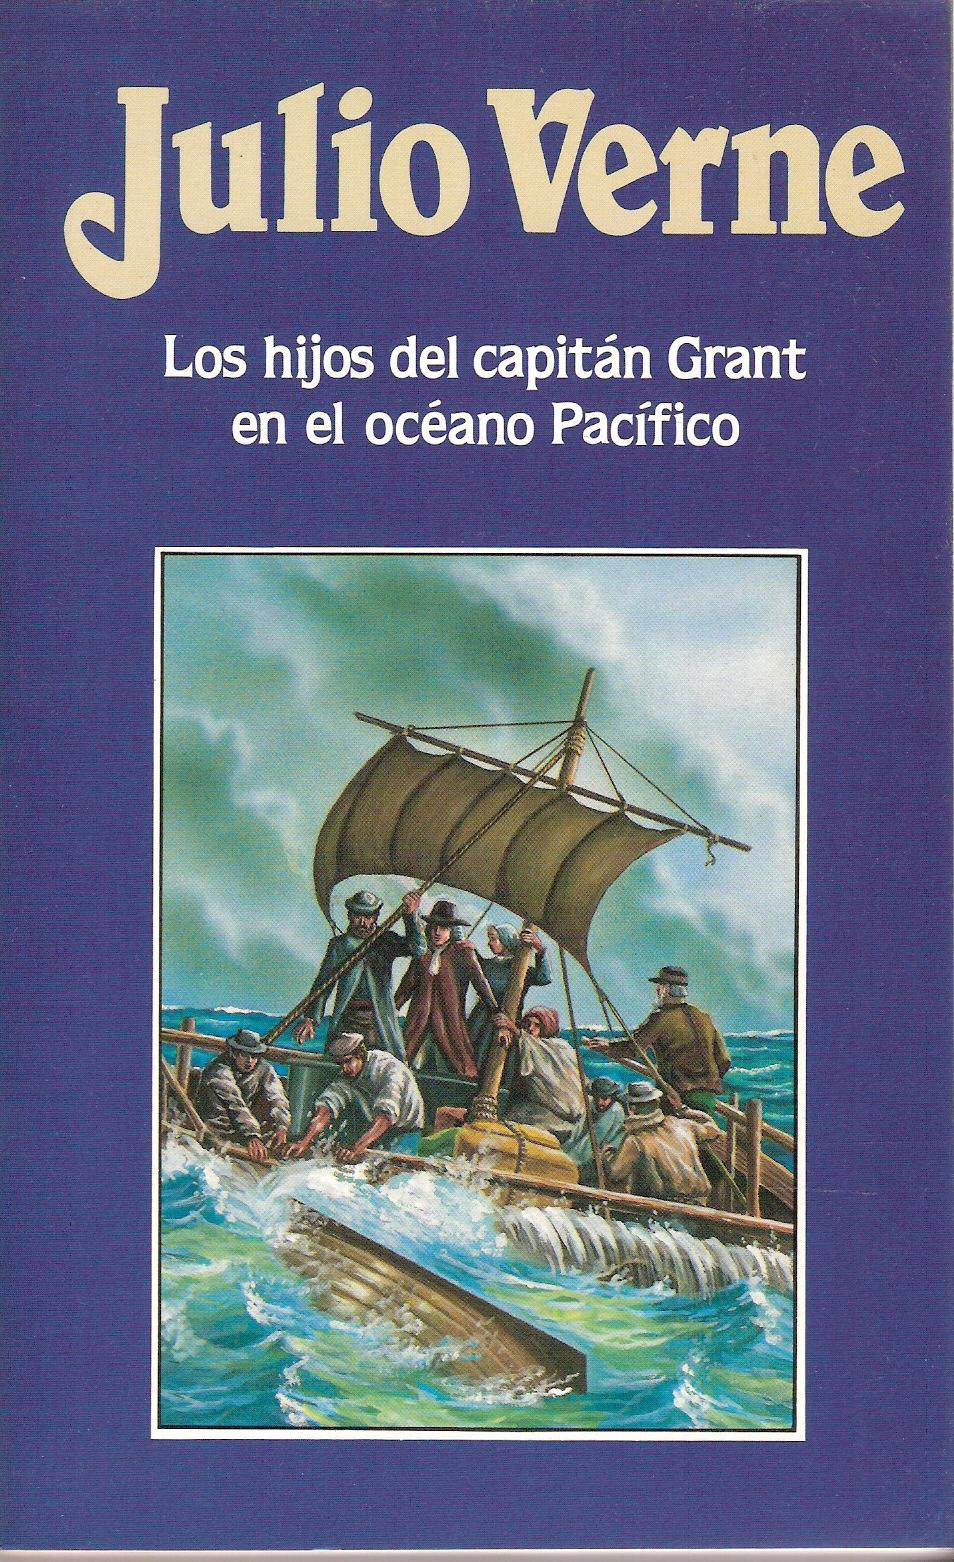 Los hijos del capitán Grant en el Océano Pacífico